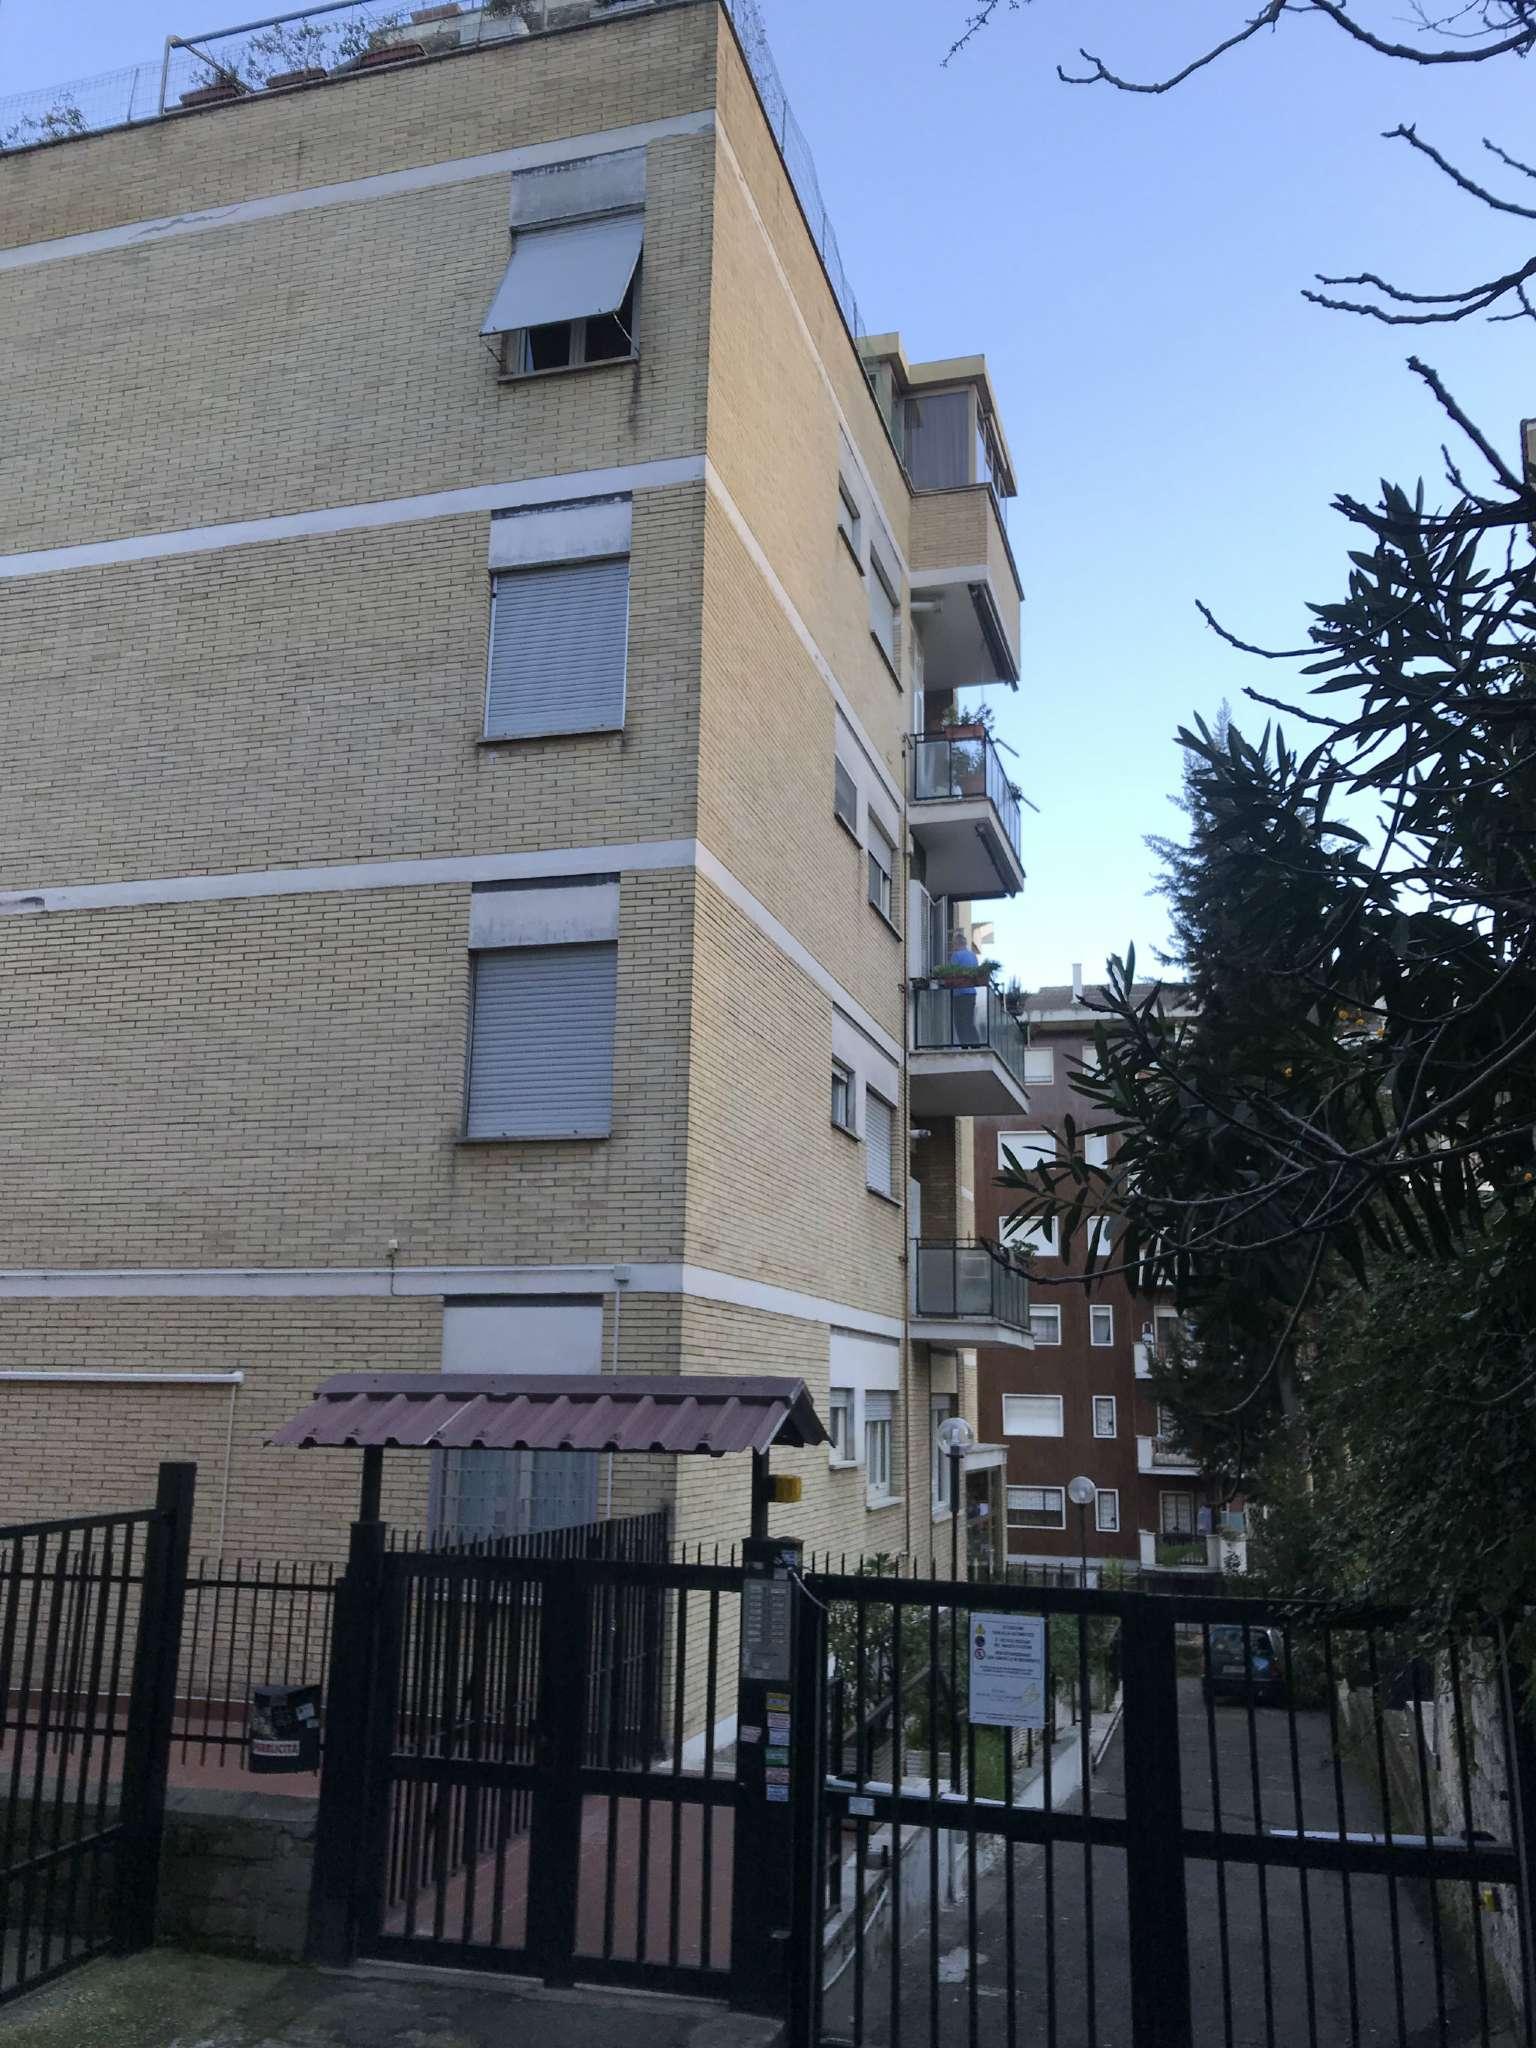 Appartamento in vendita a Roma, 3 locali, zona Zona: 24 . Gianicolense - Colli Portuensi - Monteverde, prezzo € 229.000   CambioCasa.it